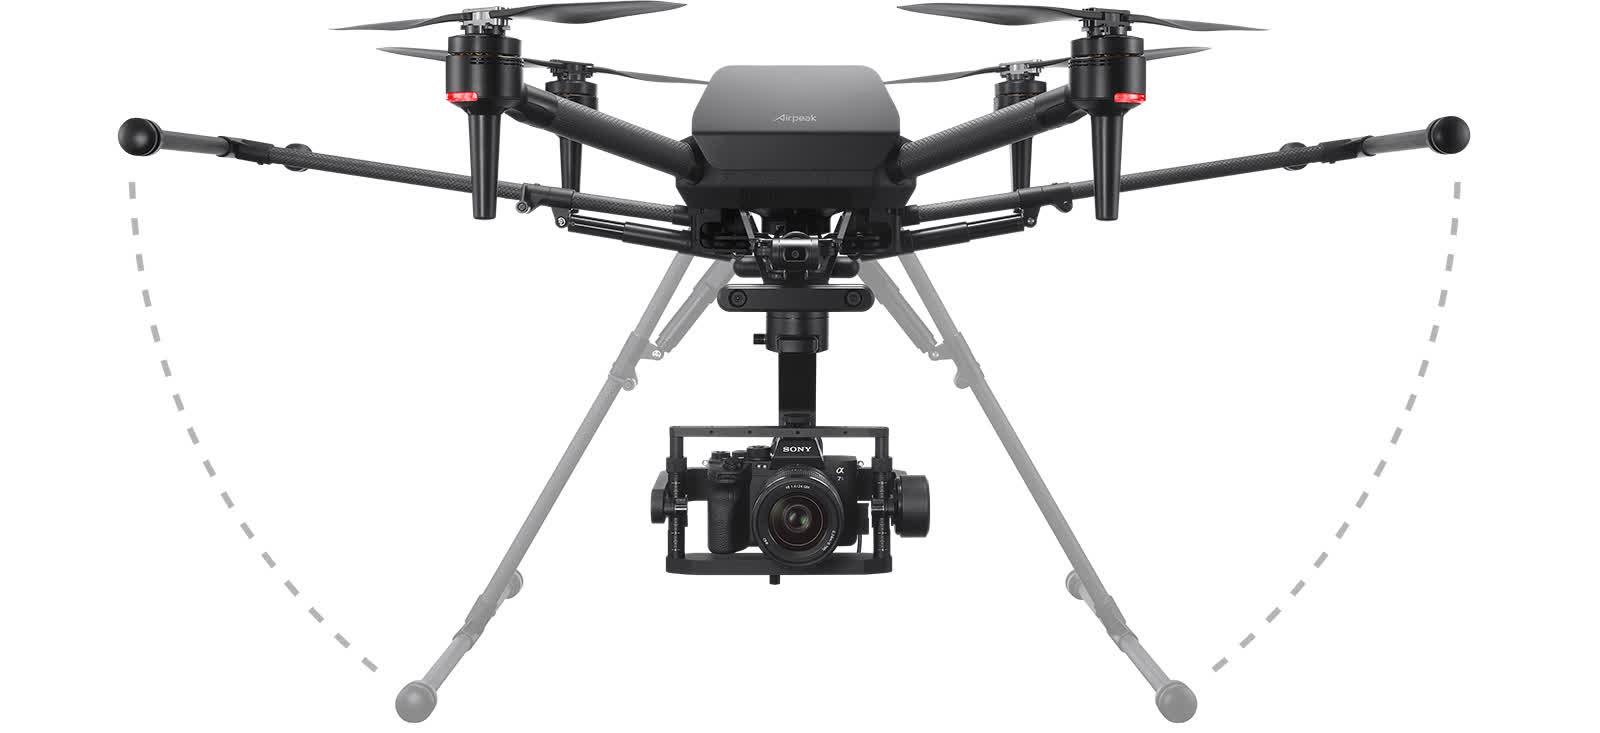 Sony annonce officiellement lAirpeak S1 un drone de qualite professionnelle